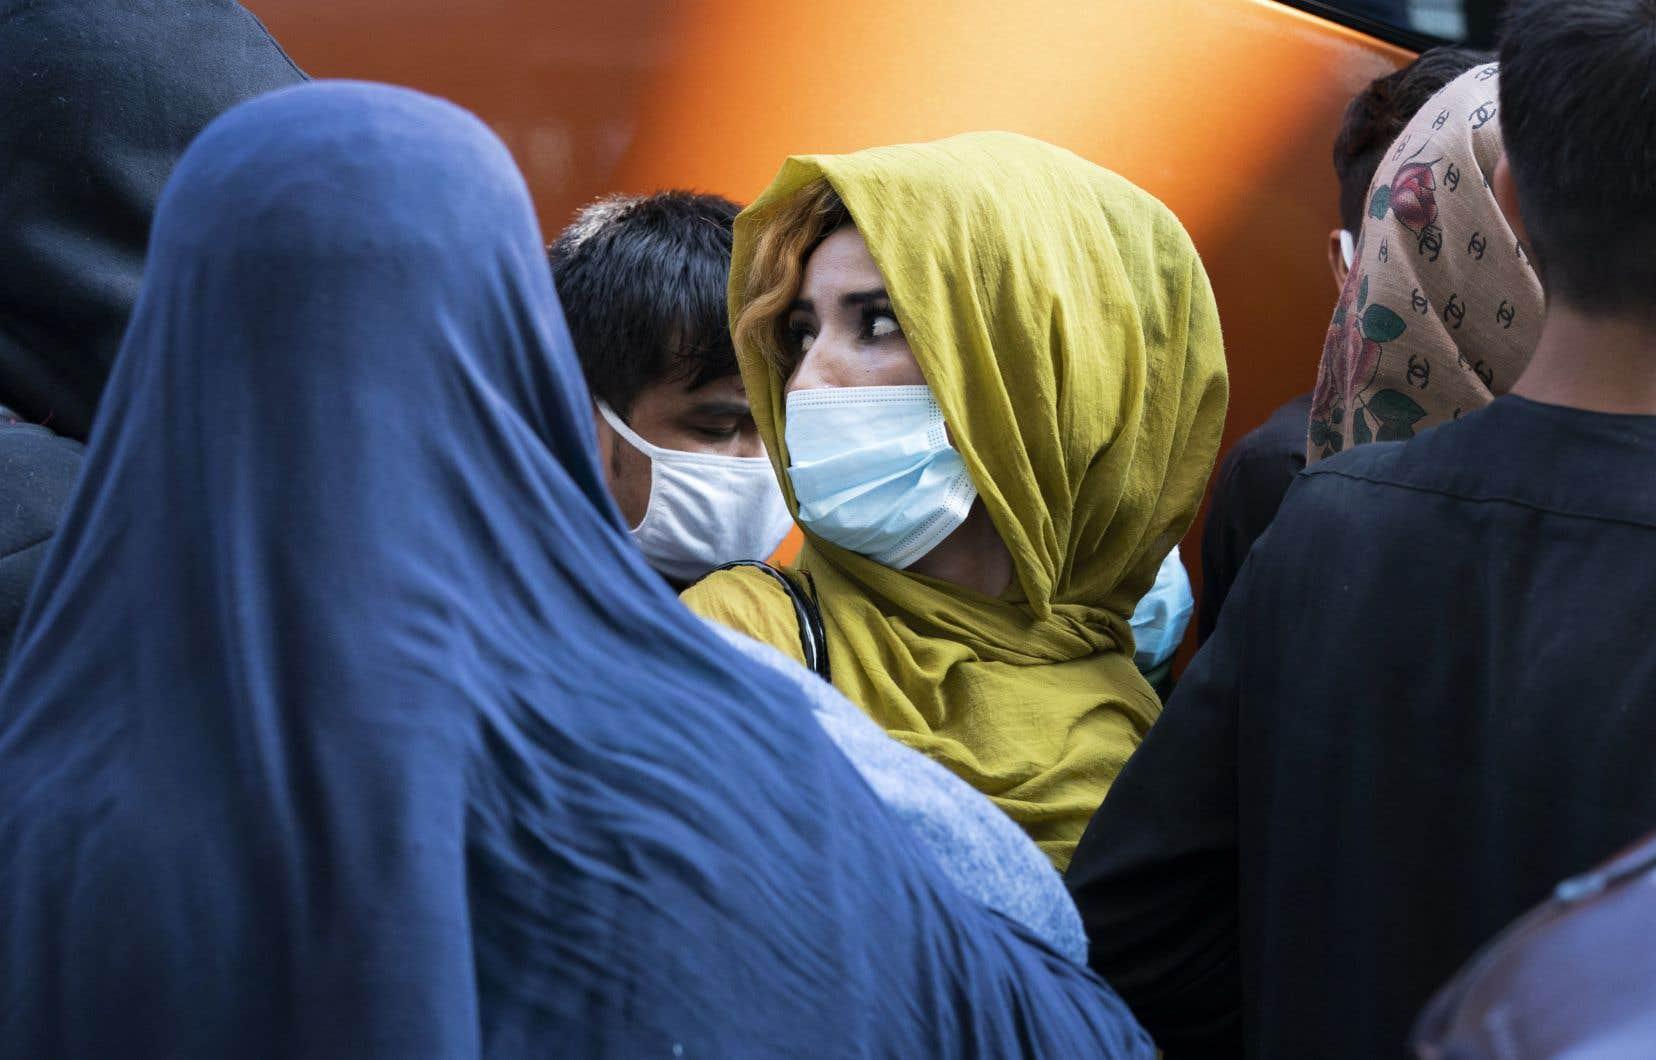 Le Canada avait rapatrié plus de 2700 personnes, en date de mercredi, dont 1000 Afghans. Des centaines d'autres demeurent cependant sur le terrain, incapables d'accéder à l'aéroport de Kaboul ou de monter à bord des vols canadiens. Sur la photo, une famille d'Afghans à l'aéroport international de Washington-Dulles, mercredi.